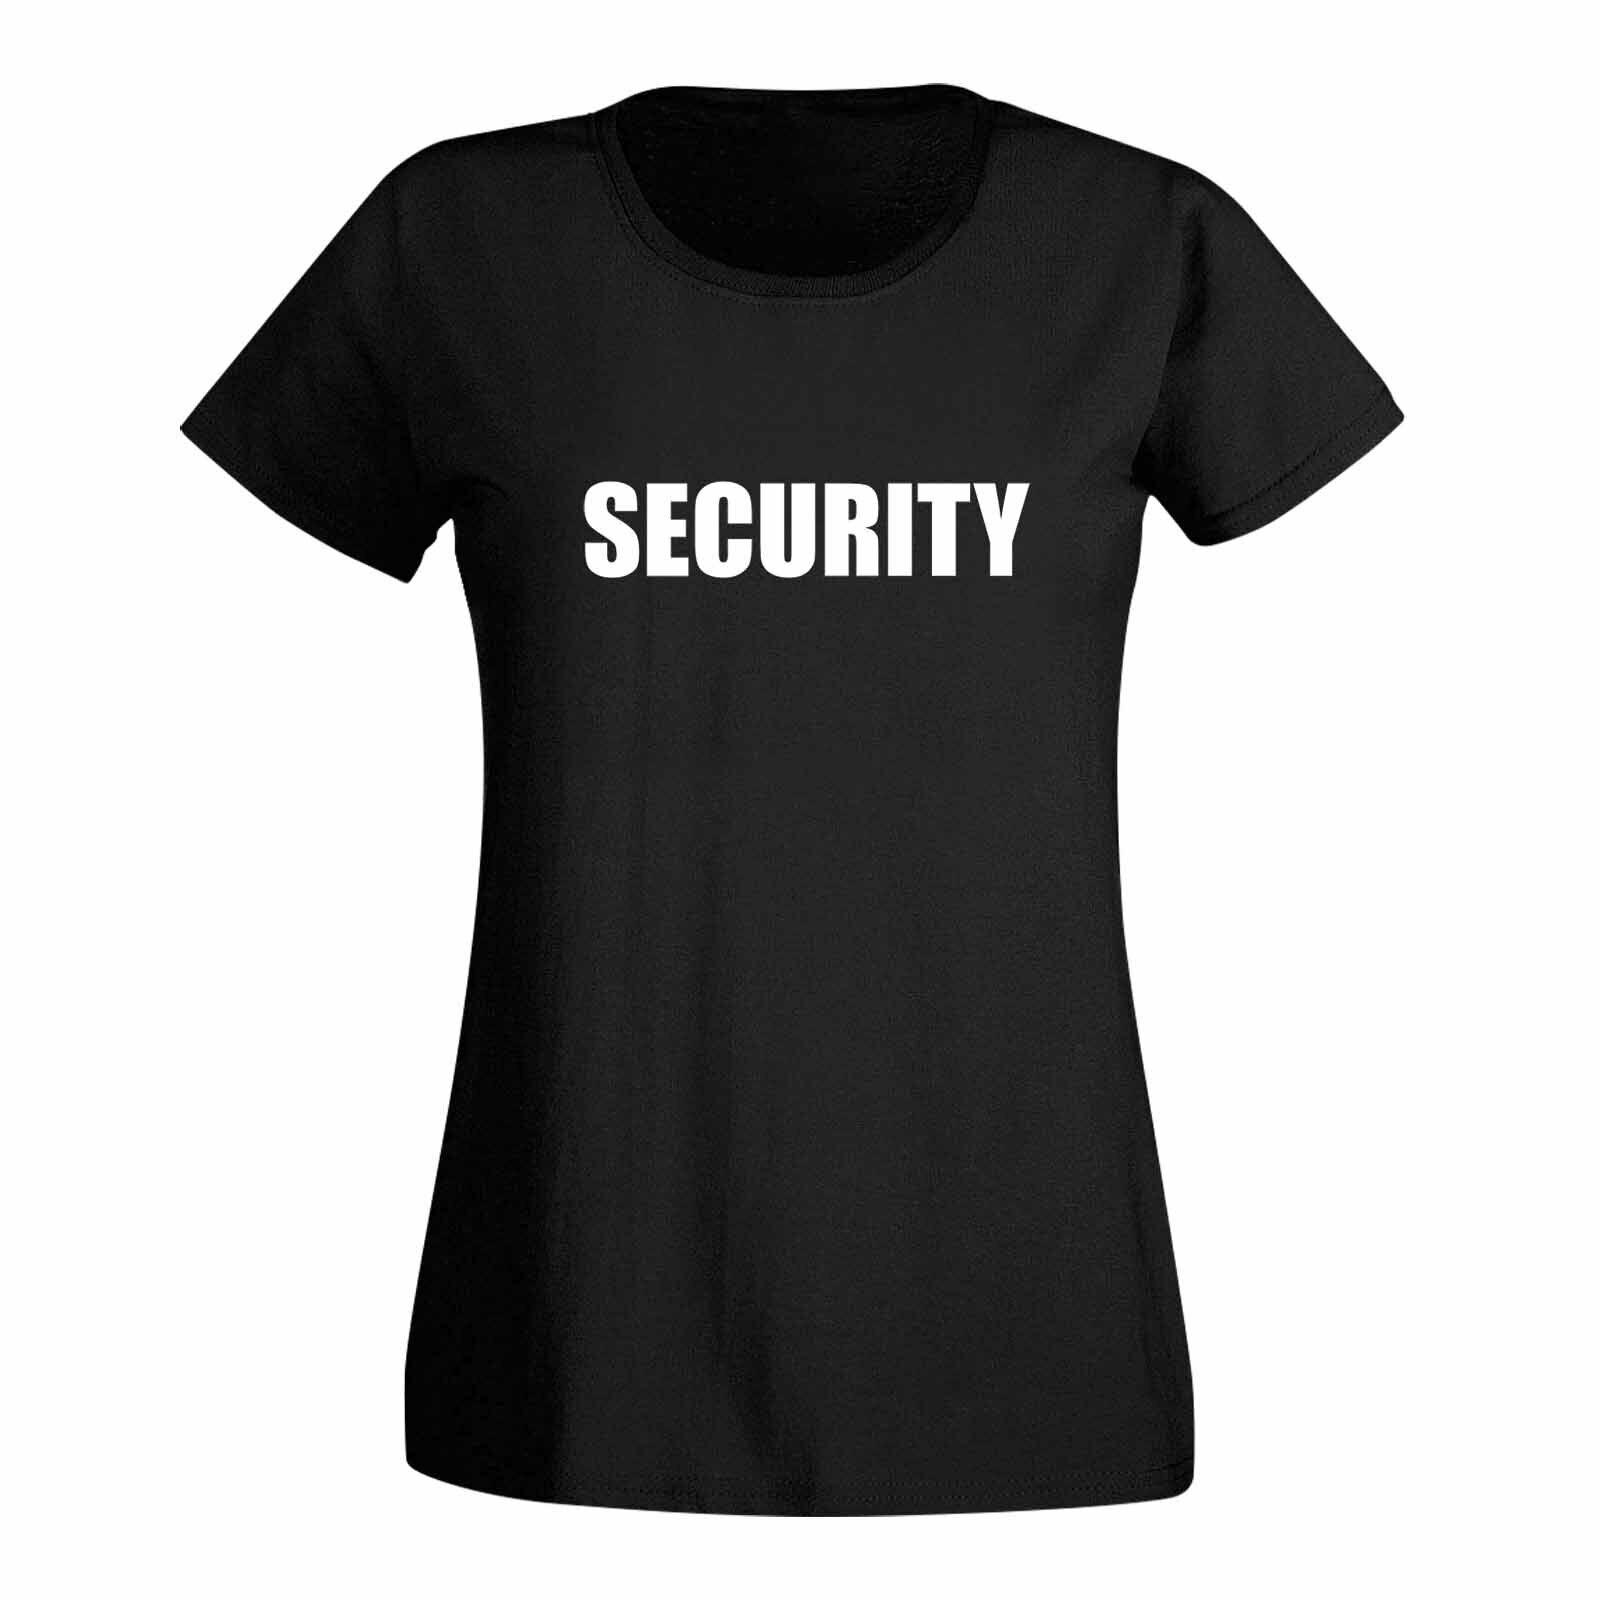 T-Shirt Security Sicherheitsdienst Party Sicherheit 15 Farben Damen XS - 3XL